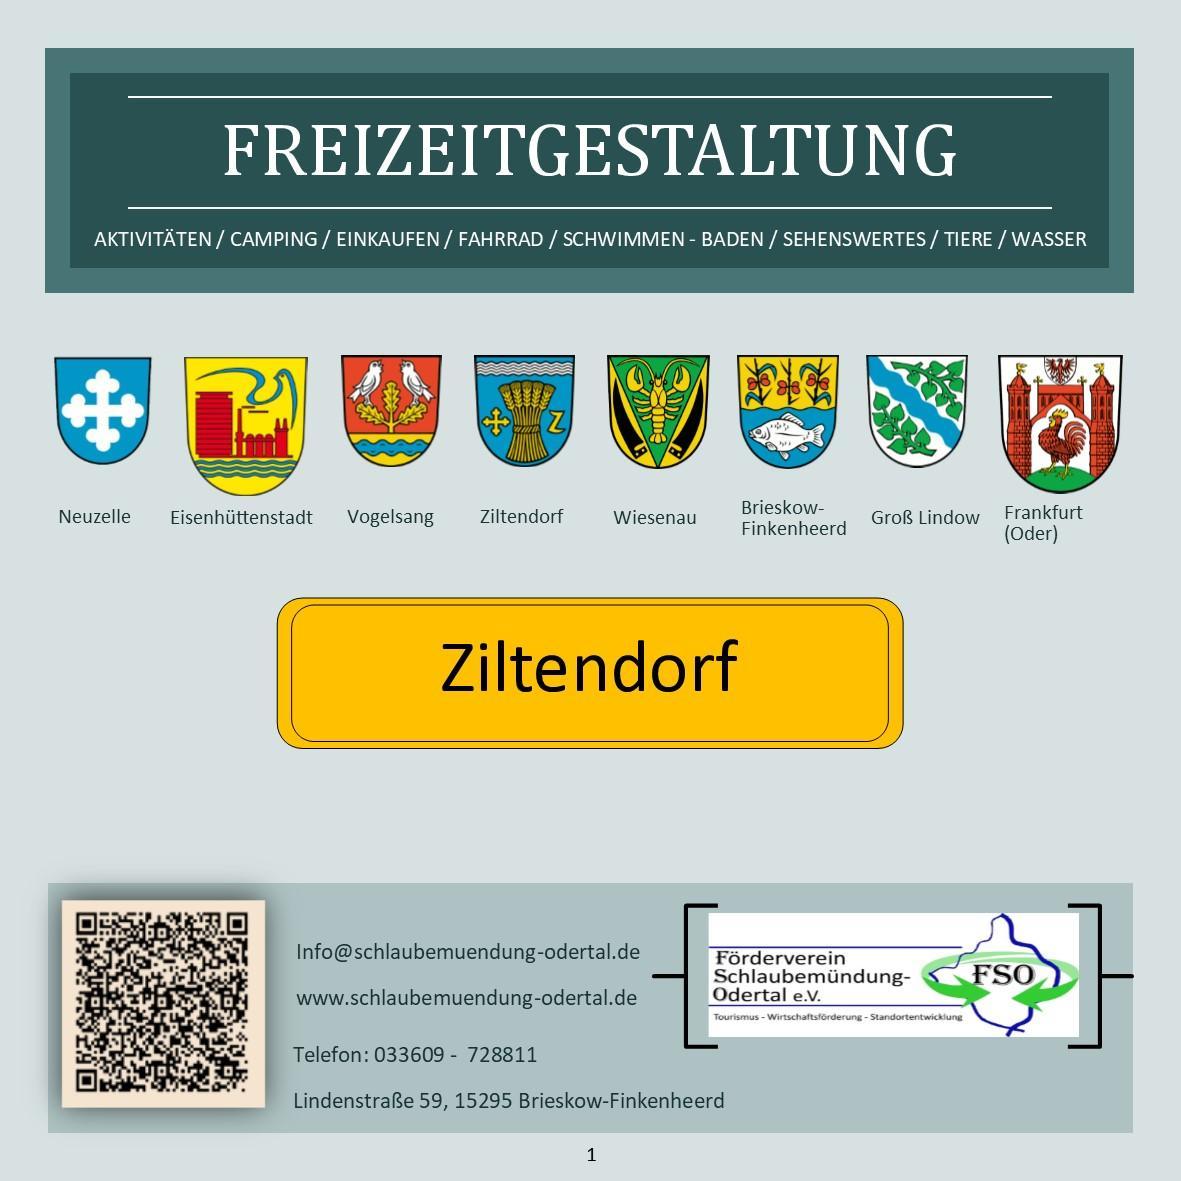 Ziltendorf_Freizeitgestaltung1